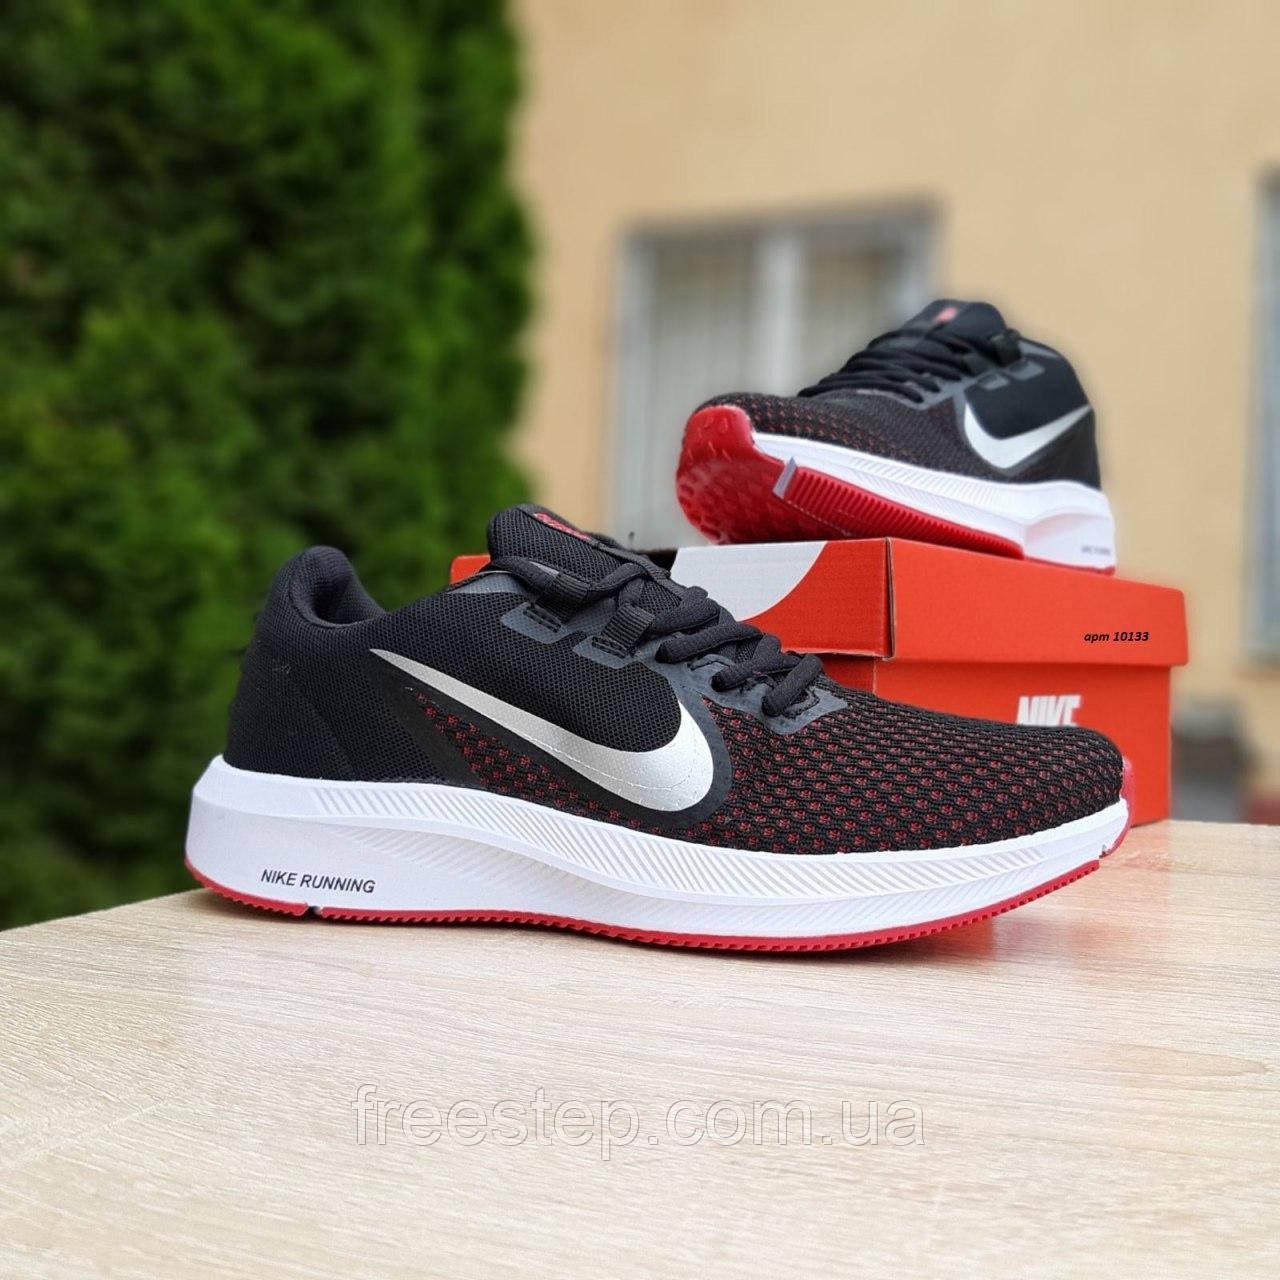 Чоловічі кросівки в стилі Nike Running чорні з білим і червоним